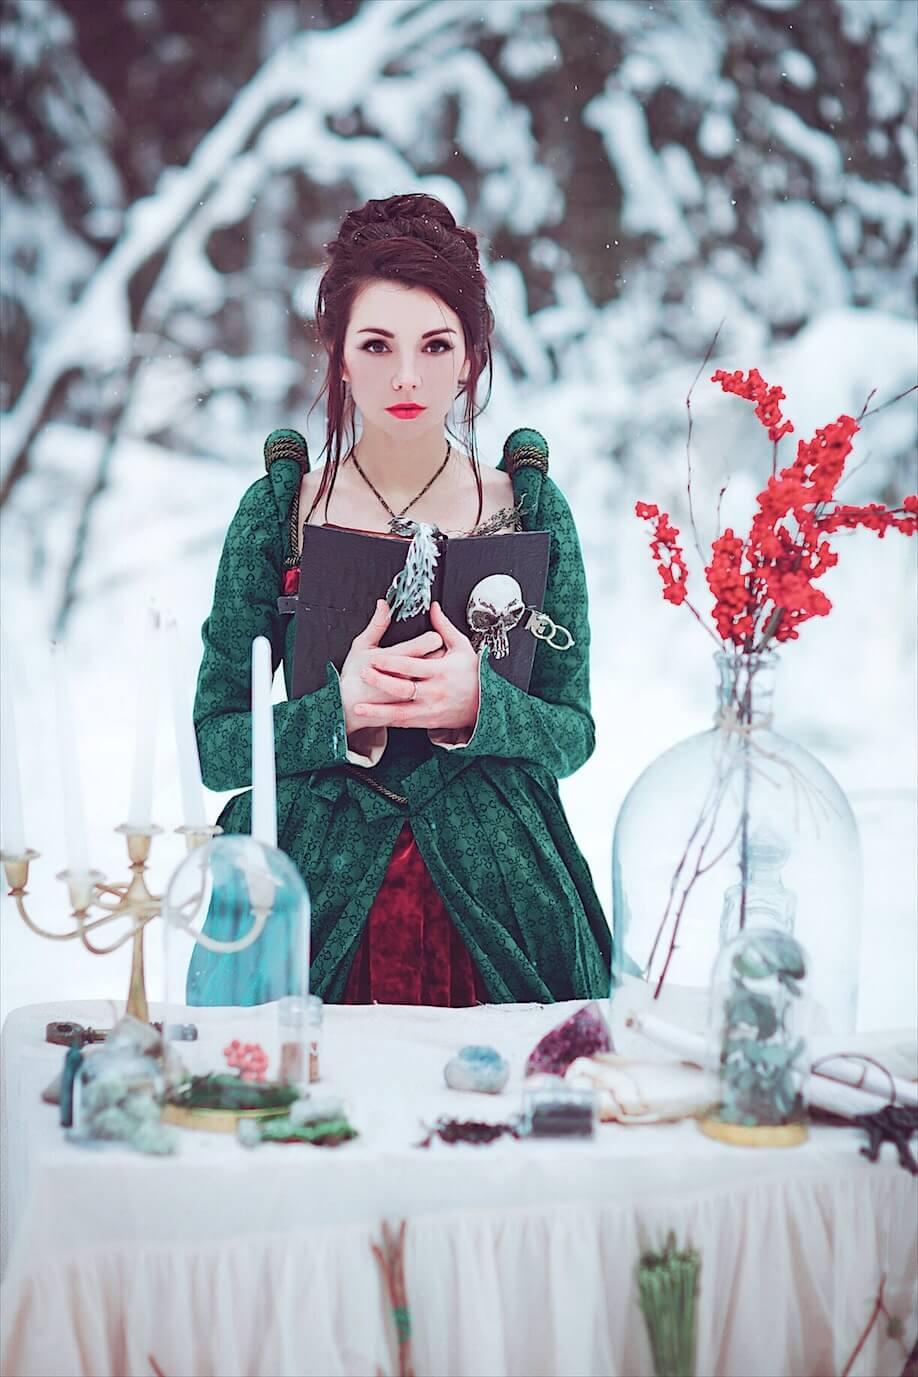 Cказочная фотосессия зимой